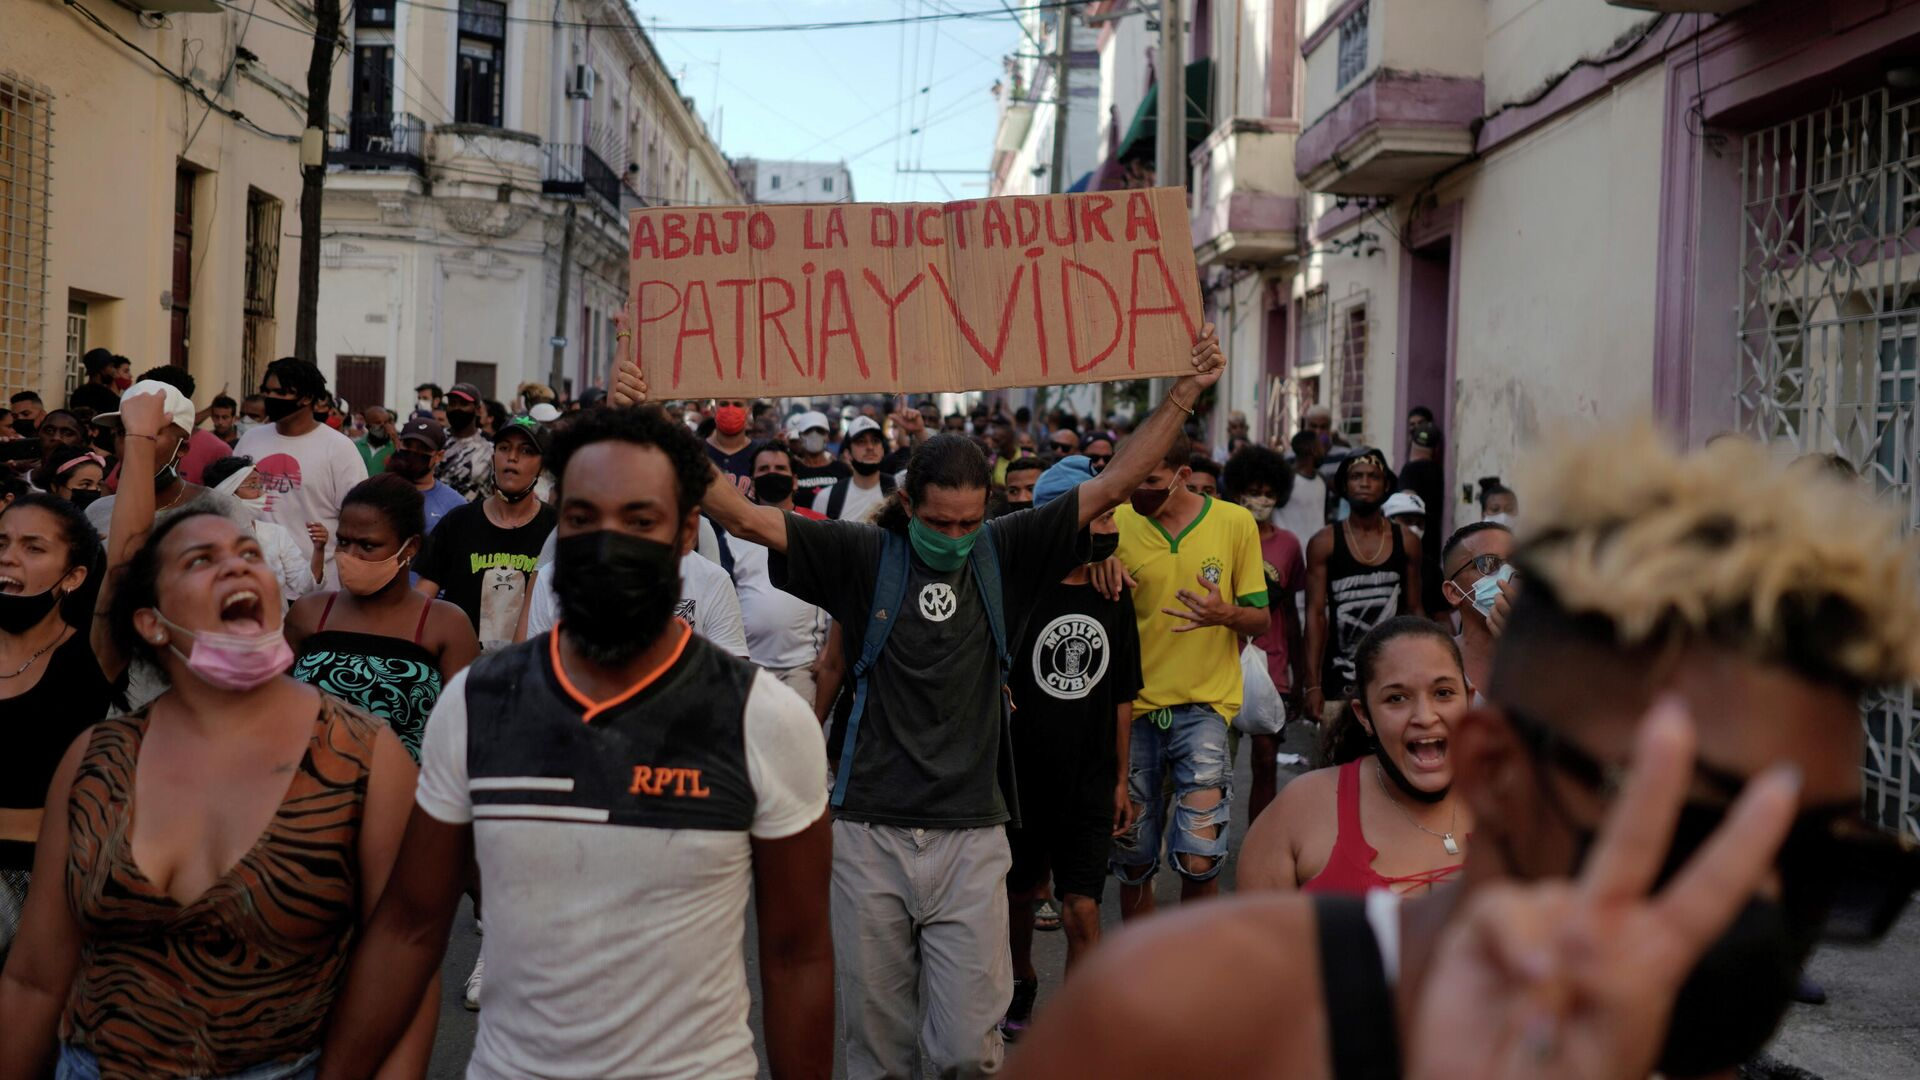 Proteste in Havanna - SNA, 1920, 31.07.2021